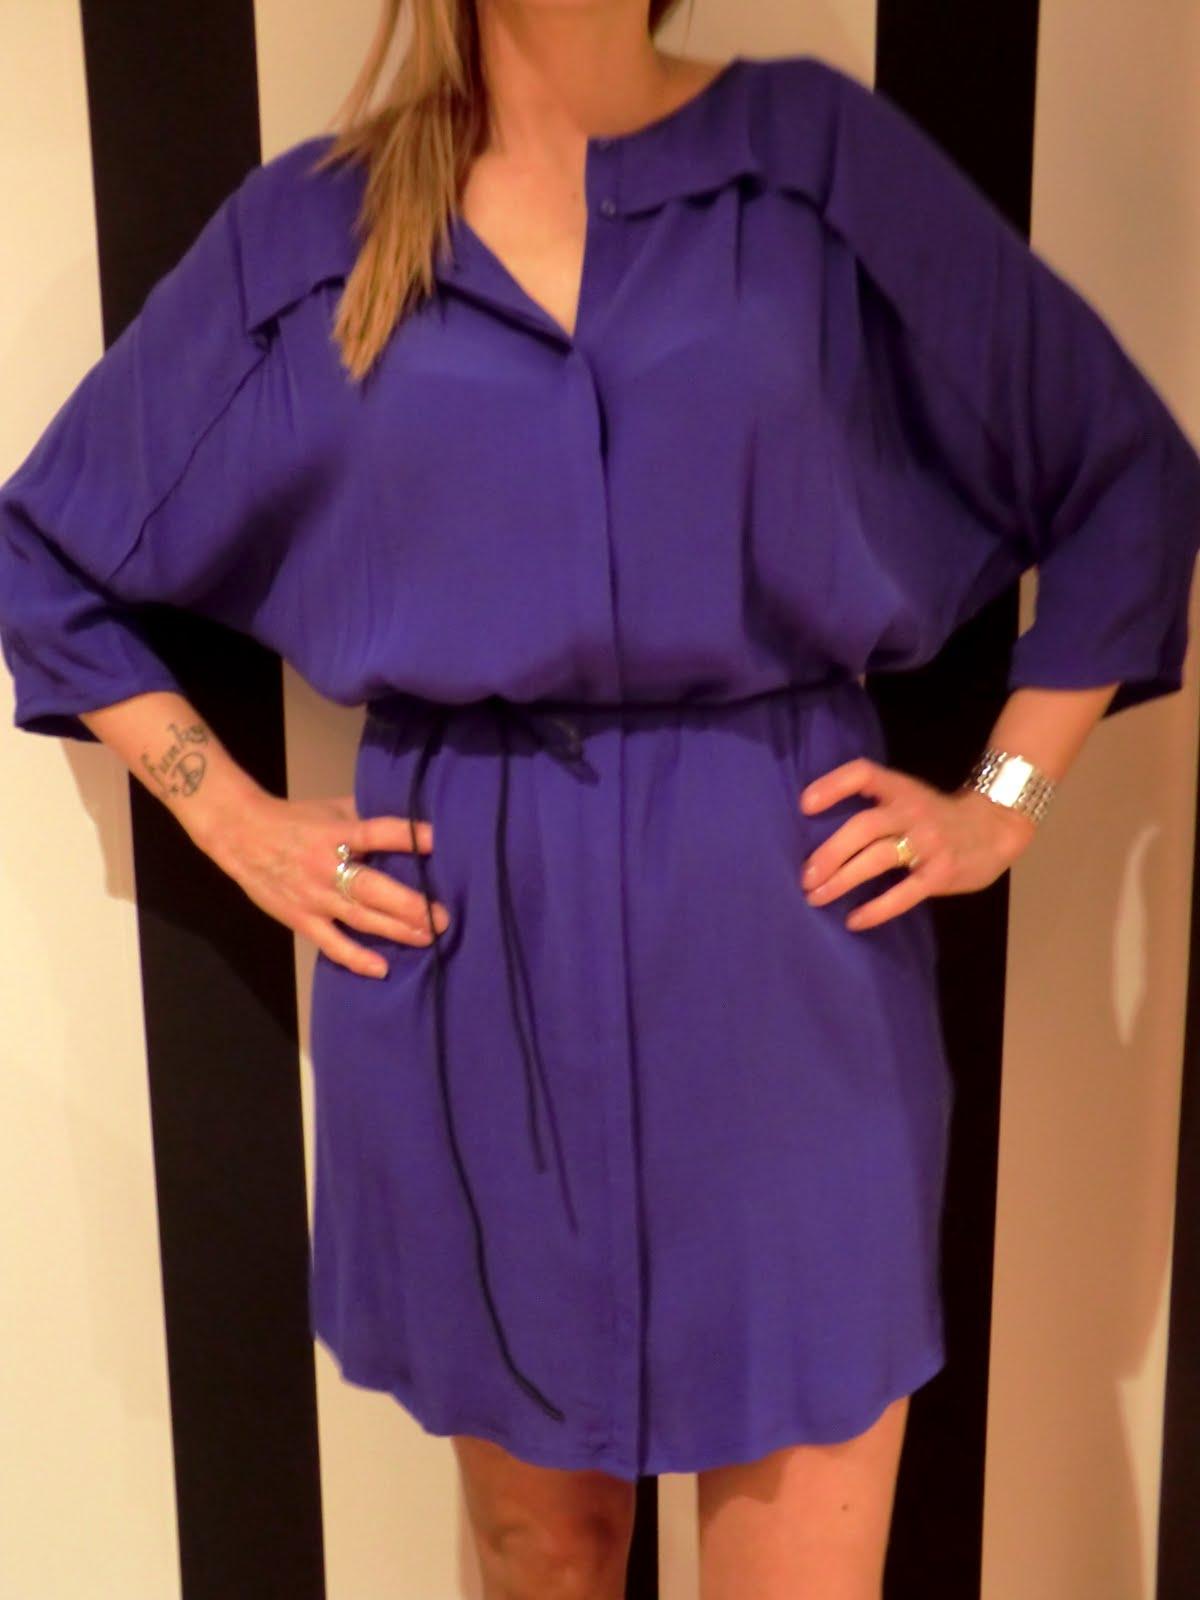 Har varit på lite tjejmys efter jobbet och kom just hem! Idag packade jag  upp denna fina kornblå klänning från SELECTED FEMME som jag personligen har  väntat ... 311feadfd5eeb